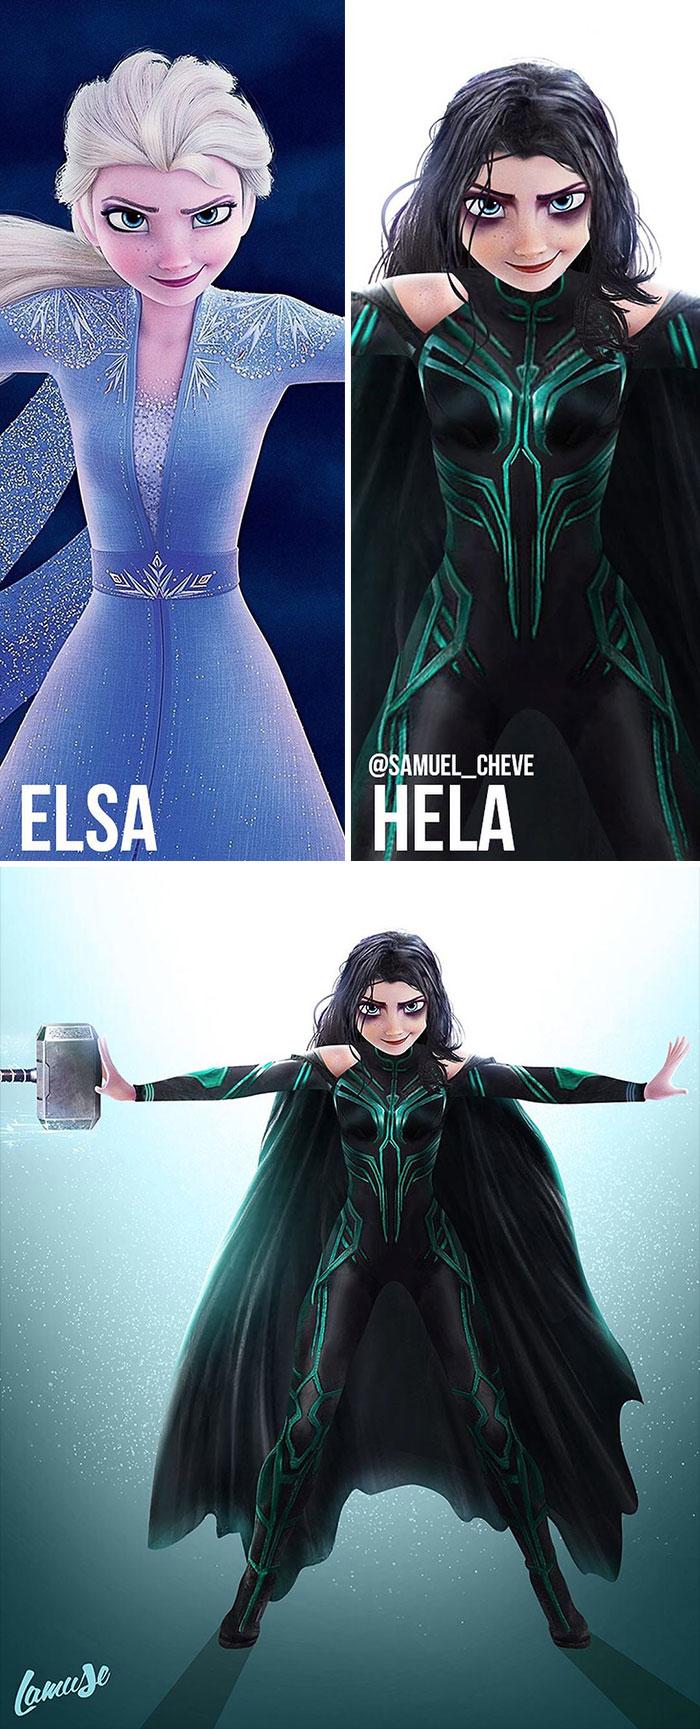 Elsa And Hela